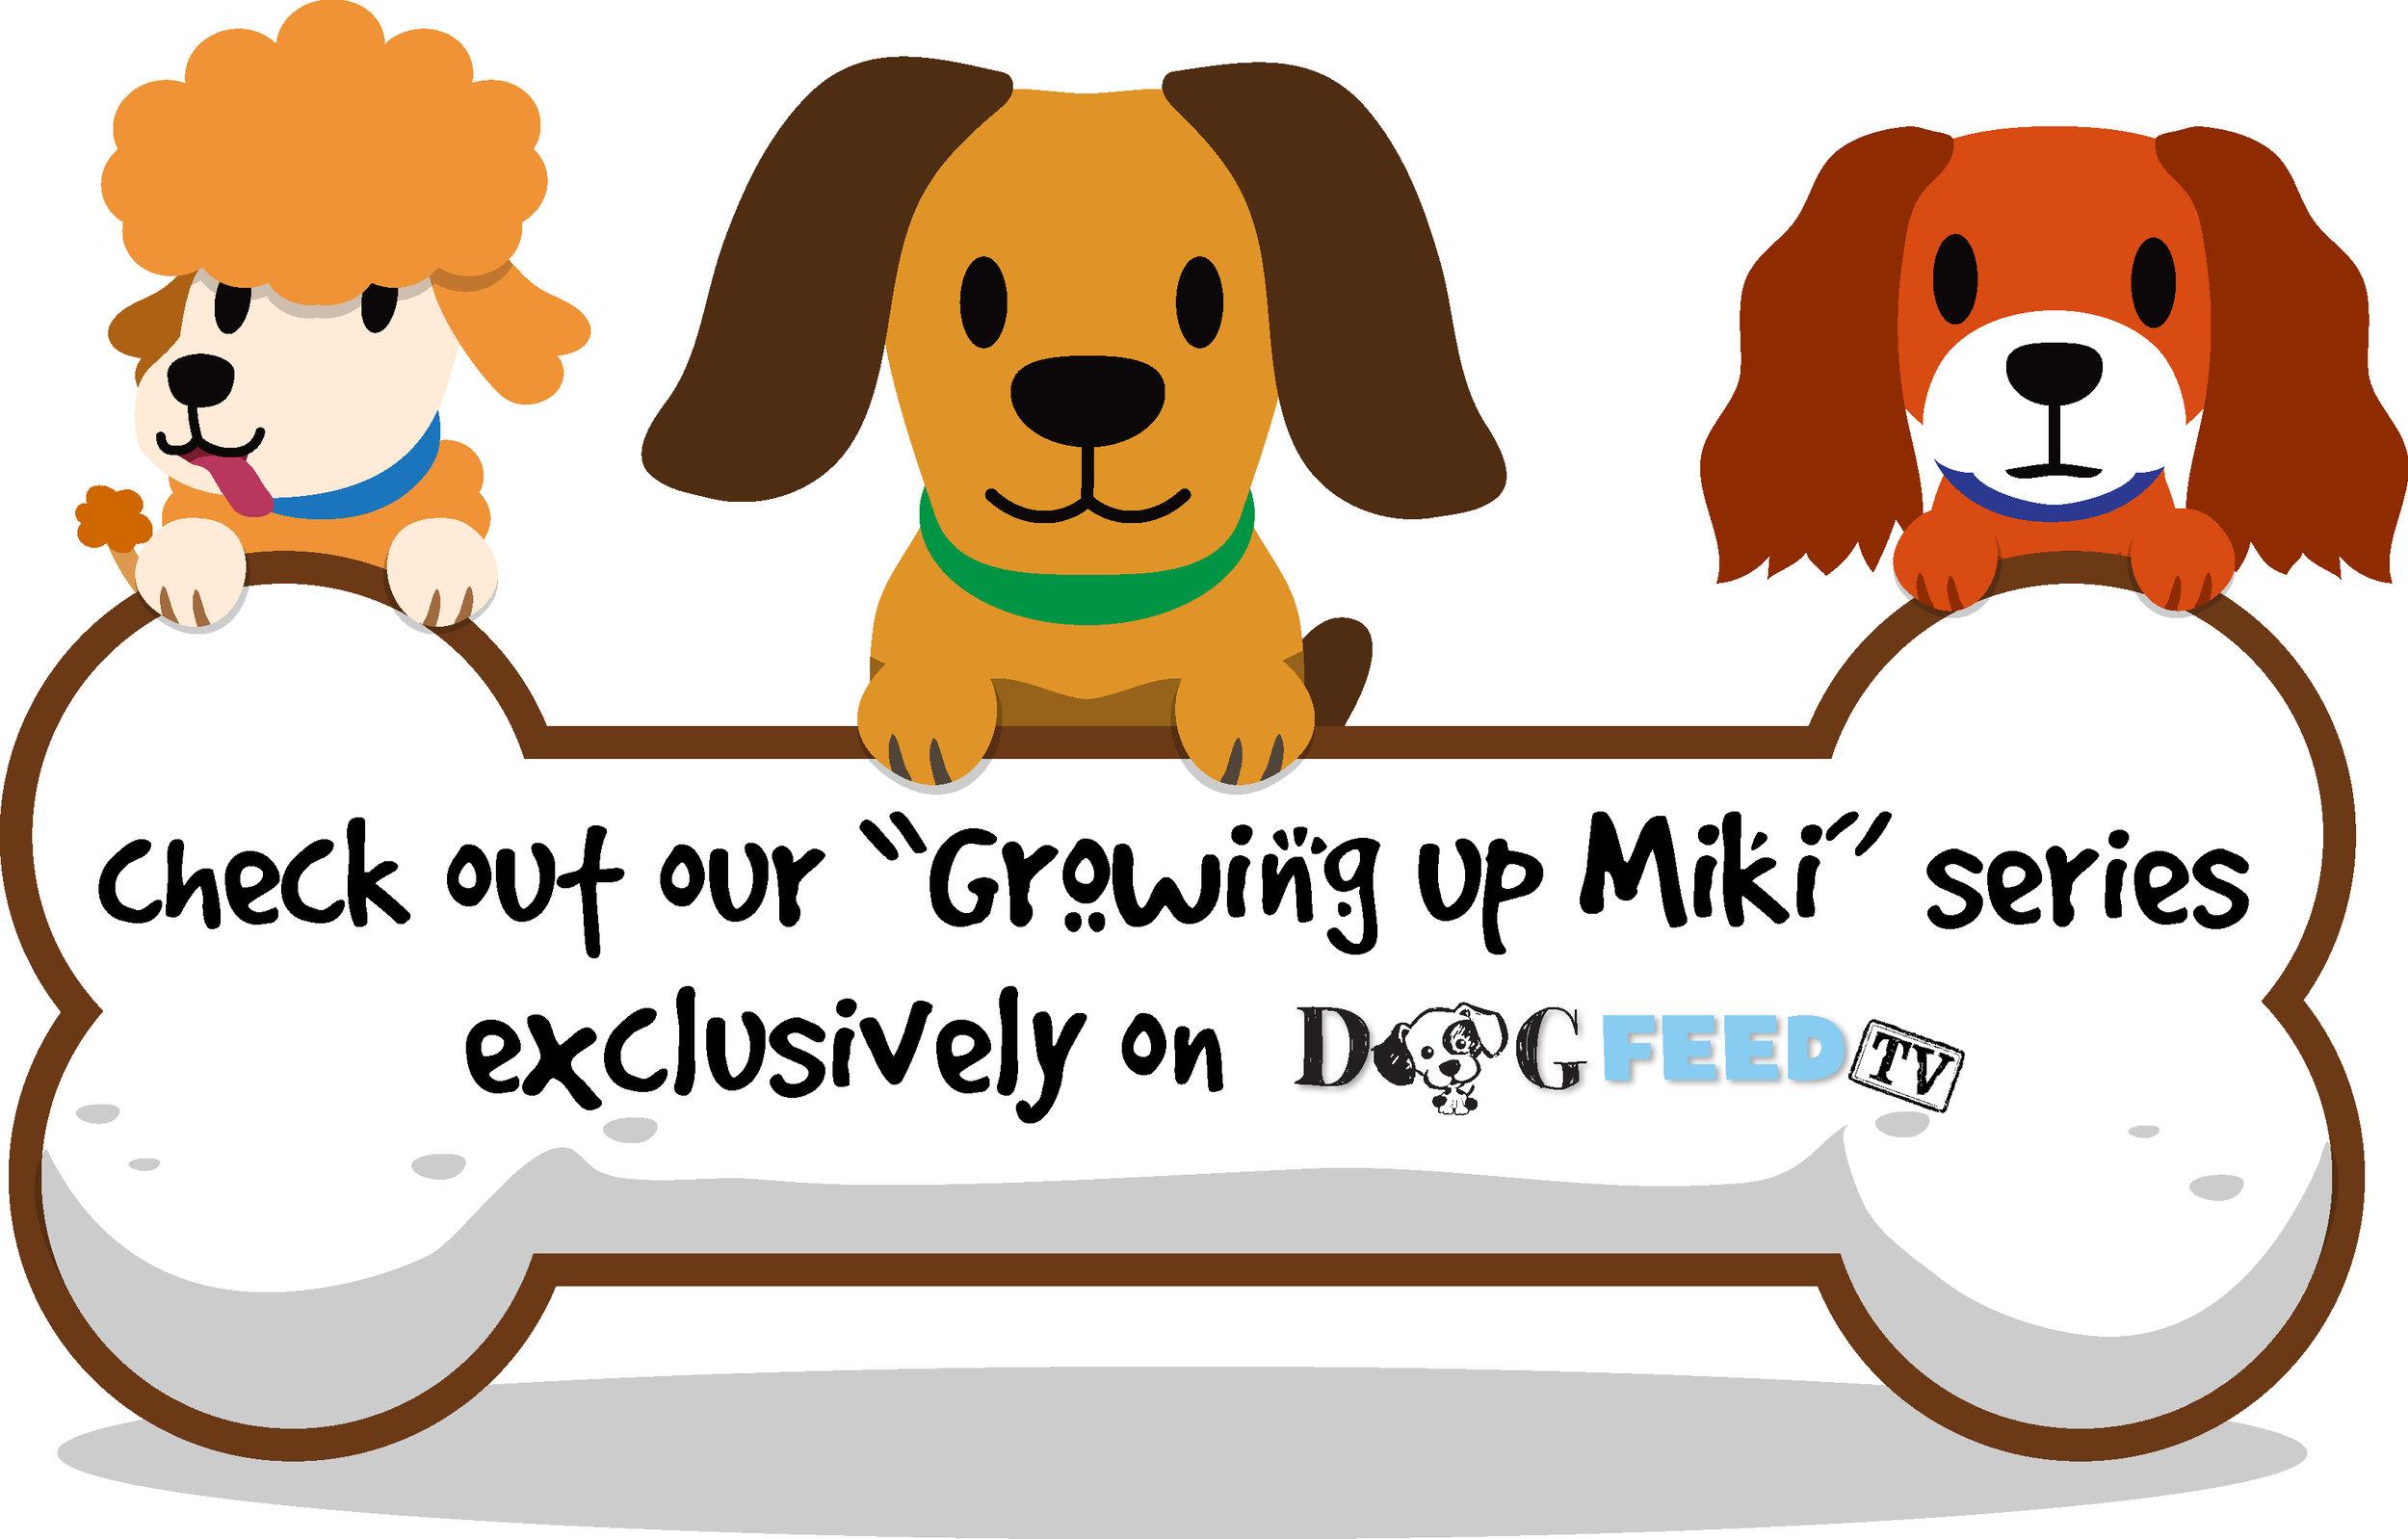 miki series icon.jpg